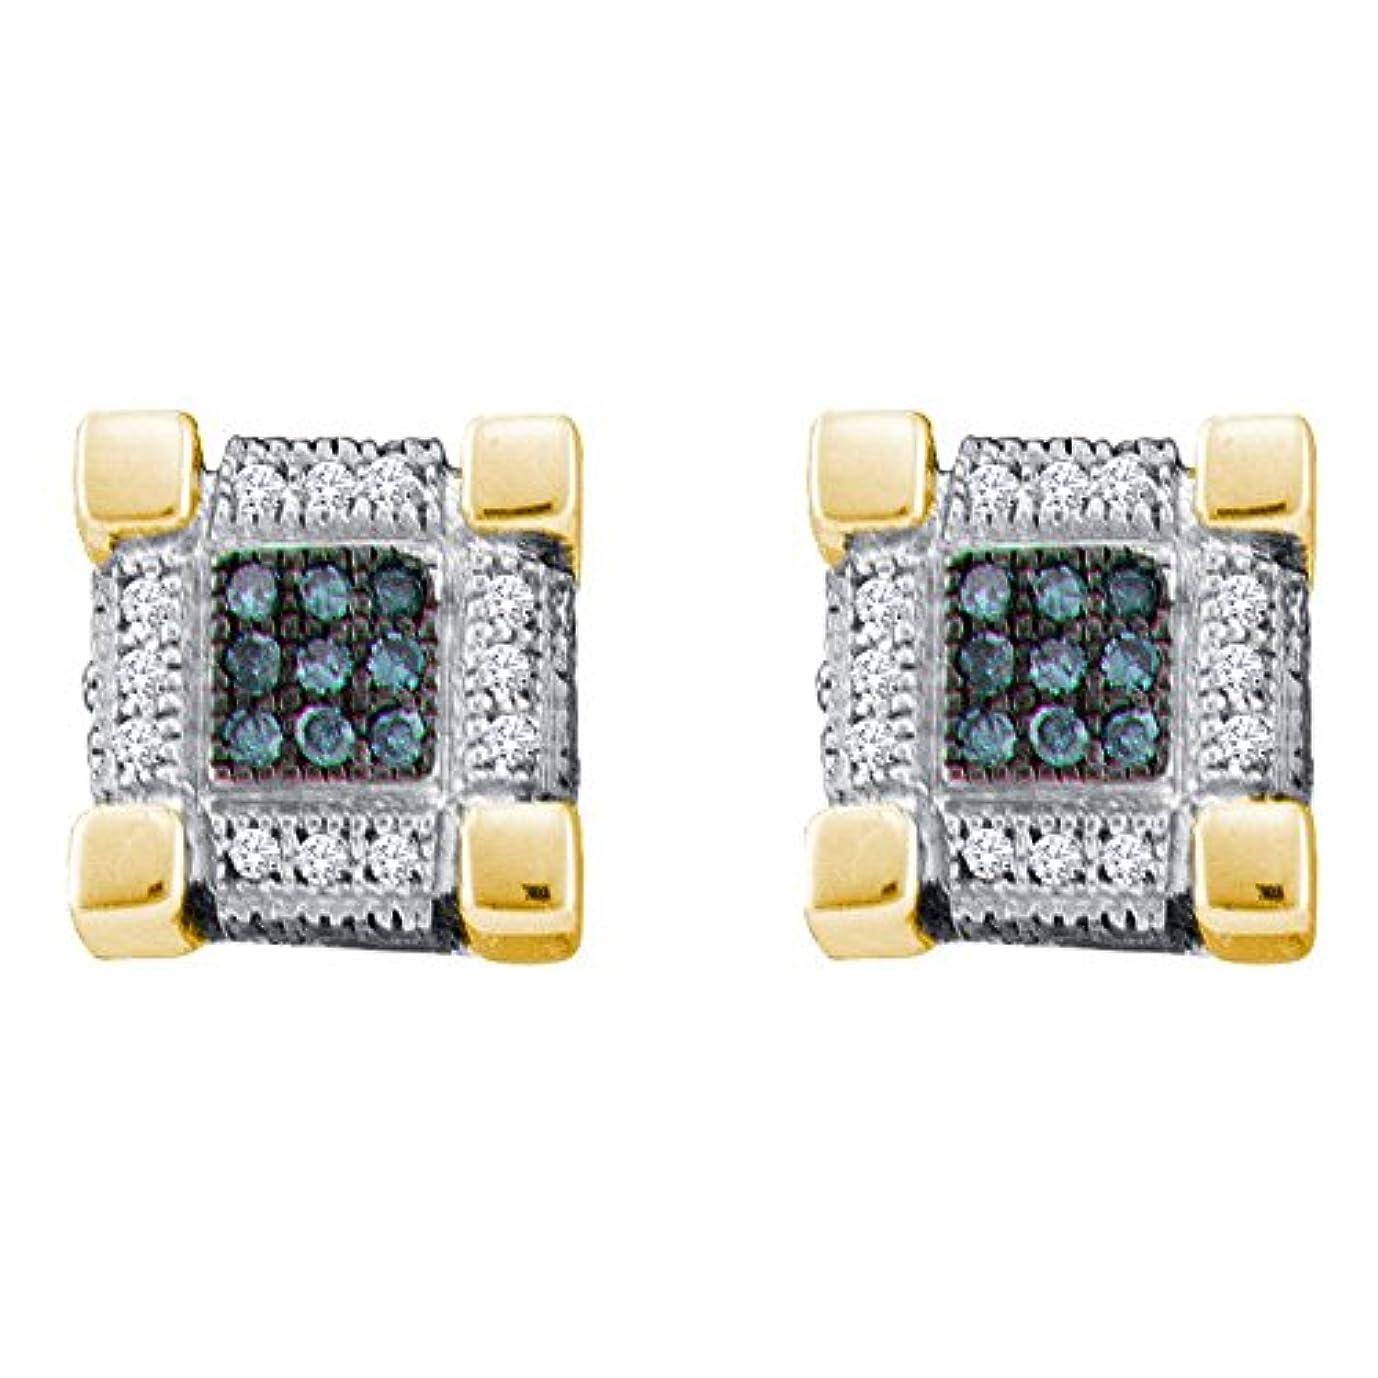 原理モーション高音10 KTイエローゴールドメンズラウンドブルー色Enhancedダイヤモンドキューブ正方形3dクラスタイヤリング1 / 4 cttw